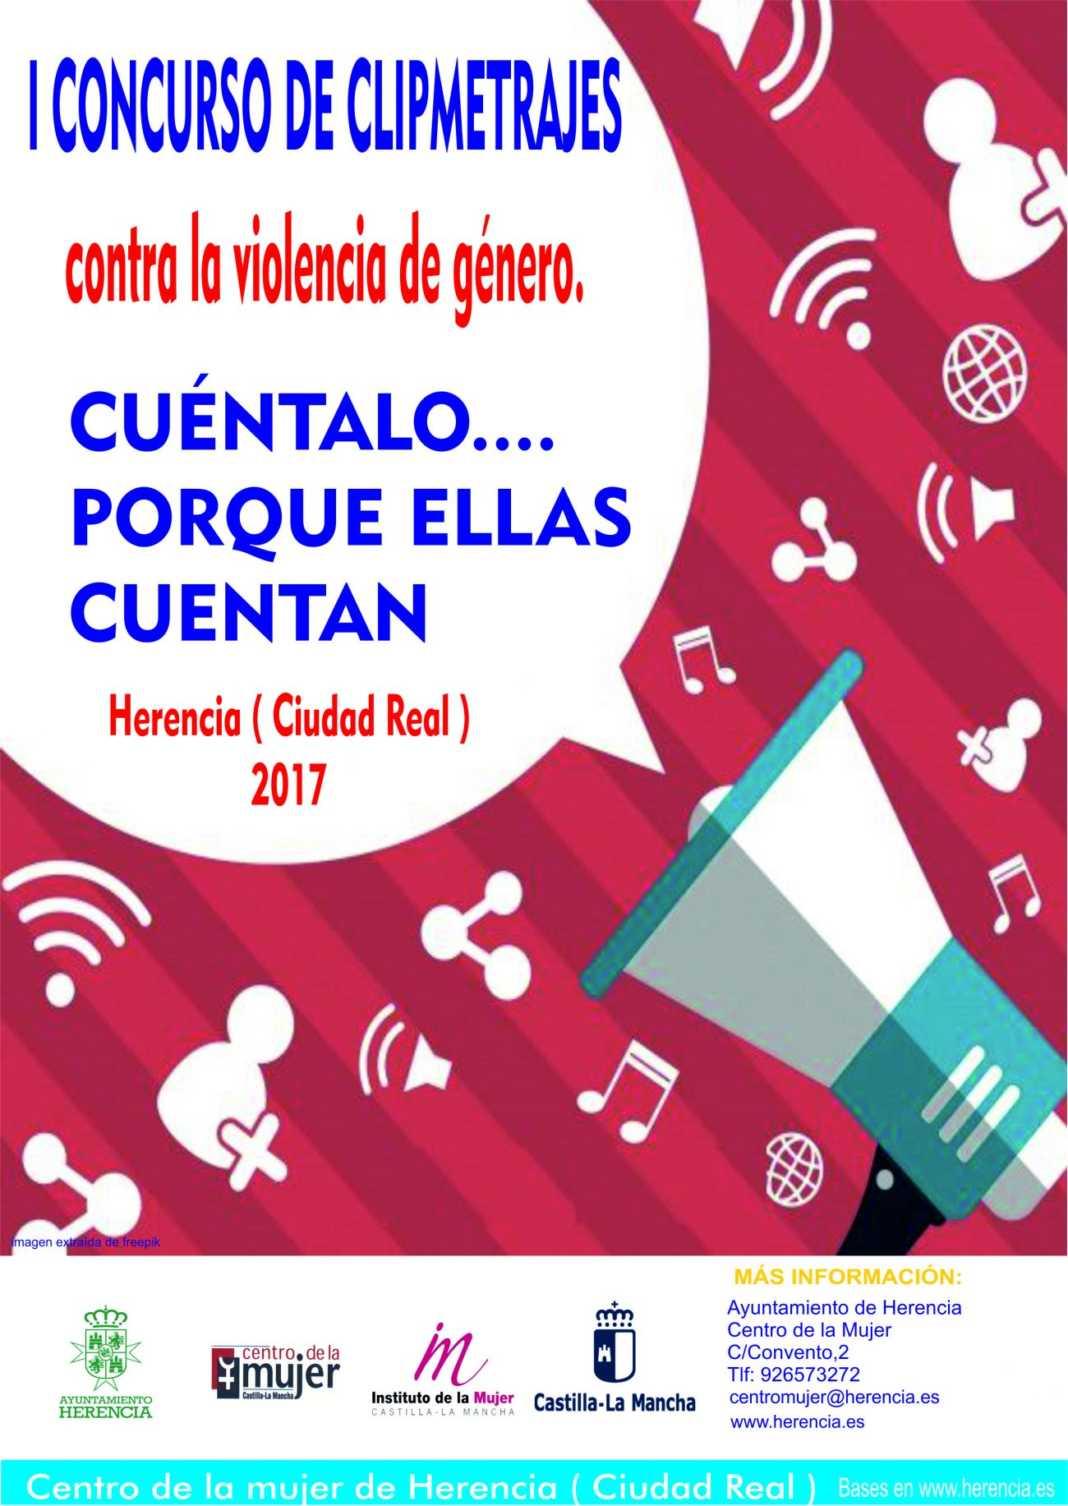 Cartel Clipmetrajes 1 1300x1833 1068x1506 - Concurso de Clipmetrajes contra la Violencia de Género